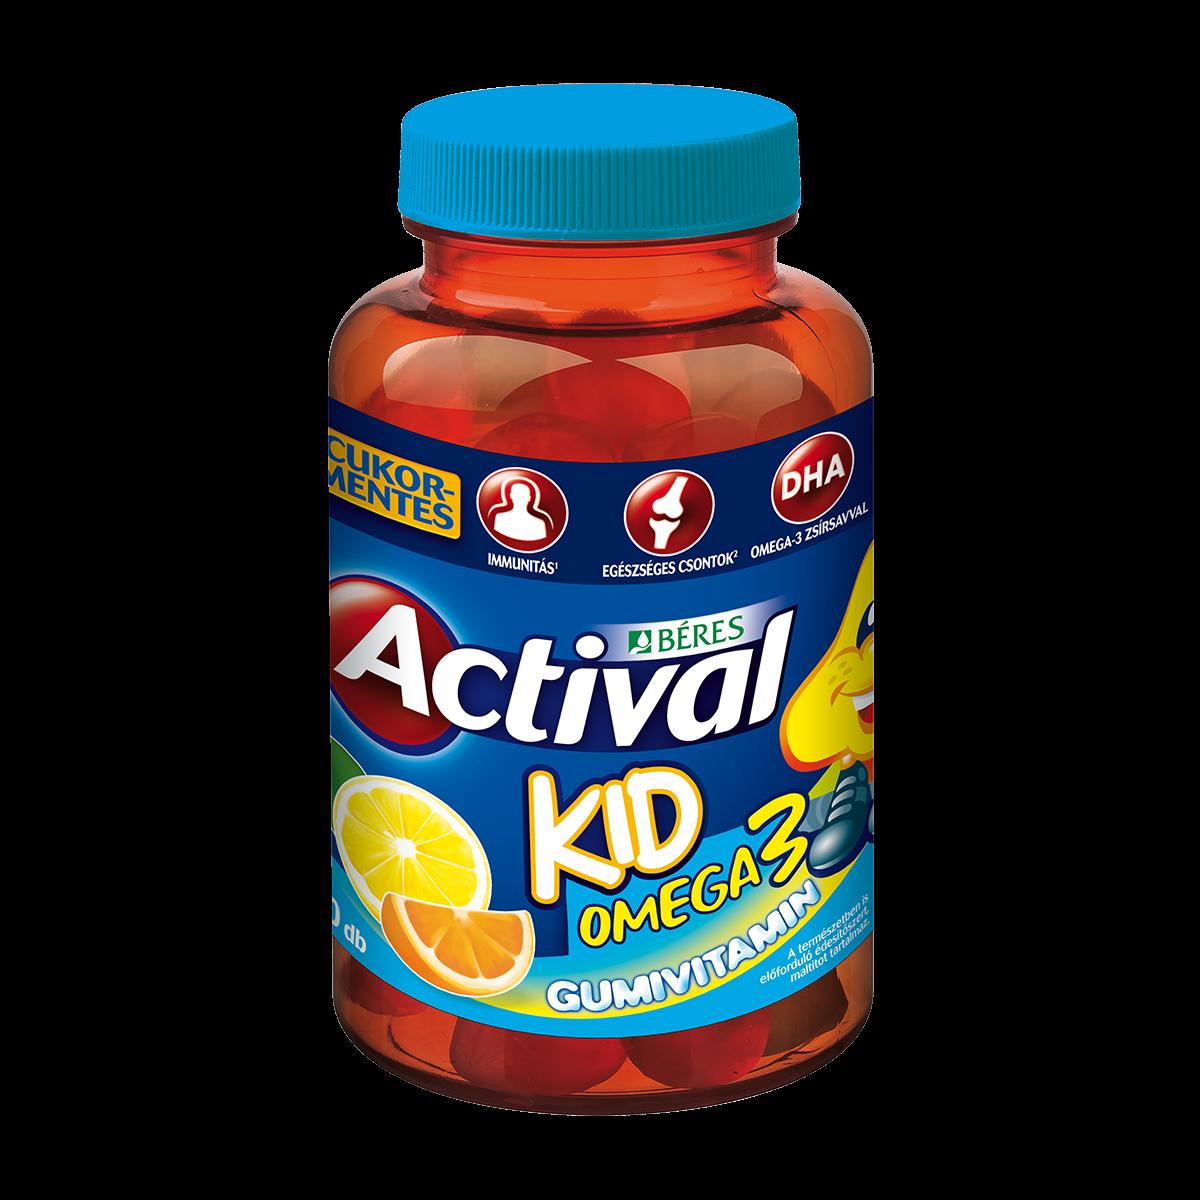 Béres Actival Kid Omega-3 30 r.t.